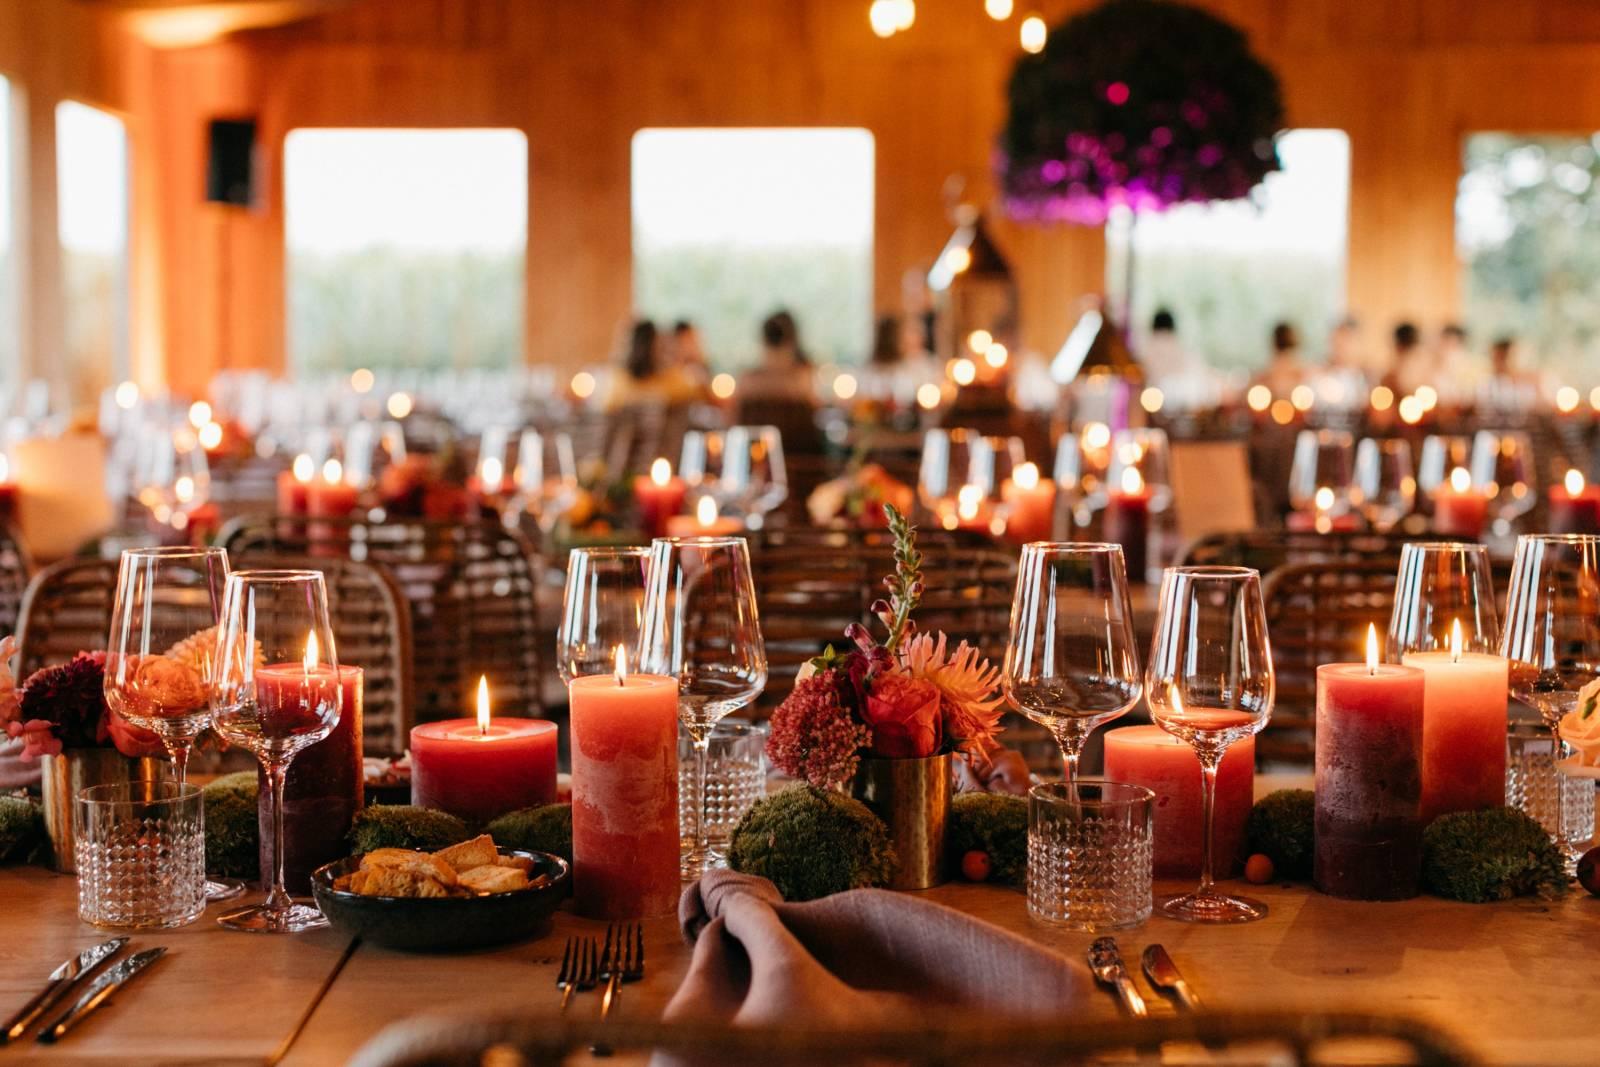 Elegant Events- Weddingplanner - Fotograaf Mathias Hannes - House of Weddings (1)